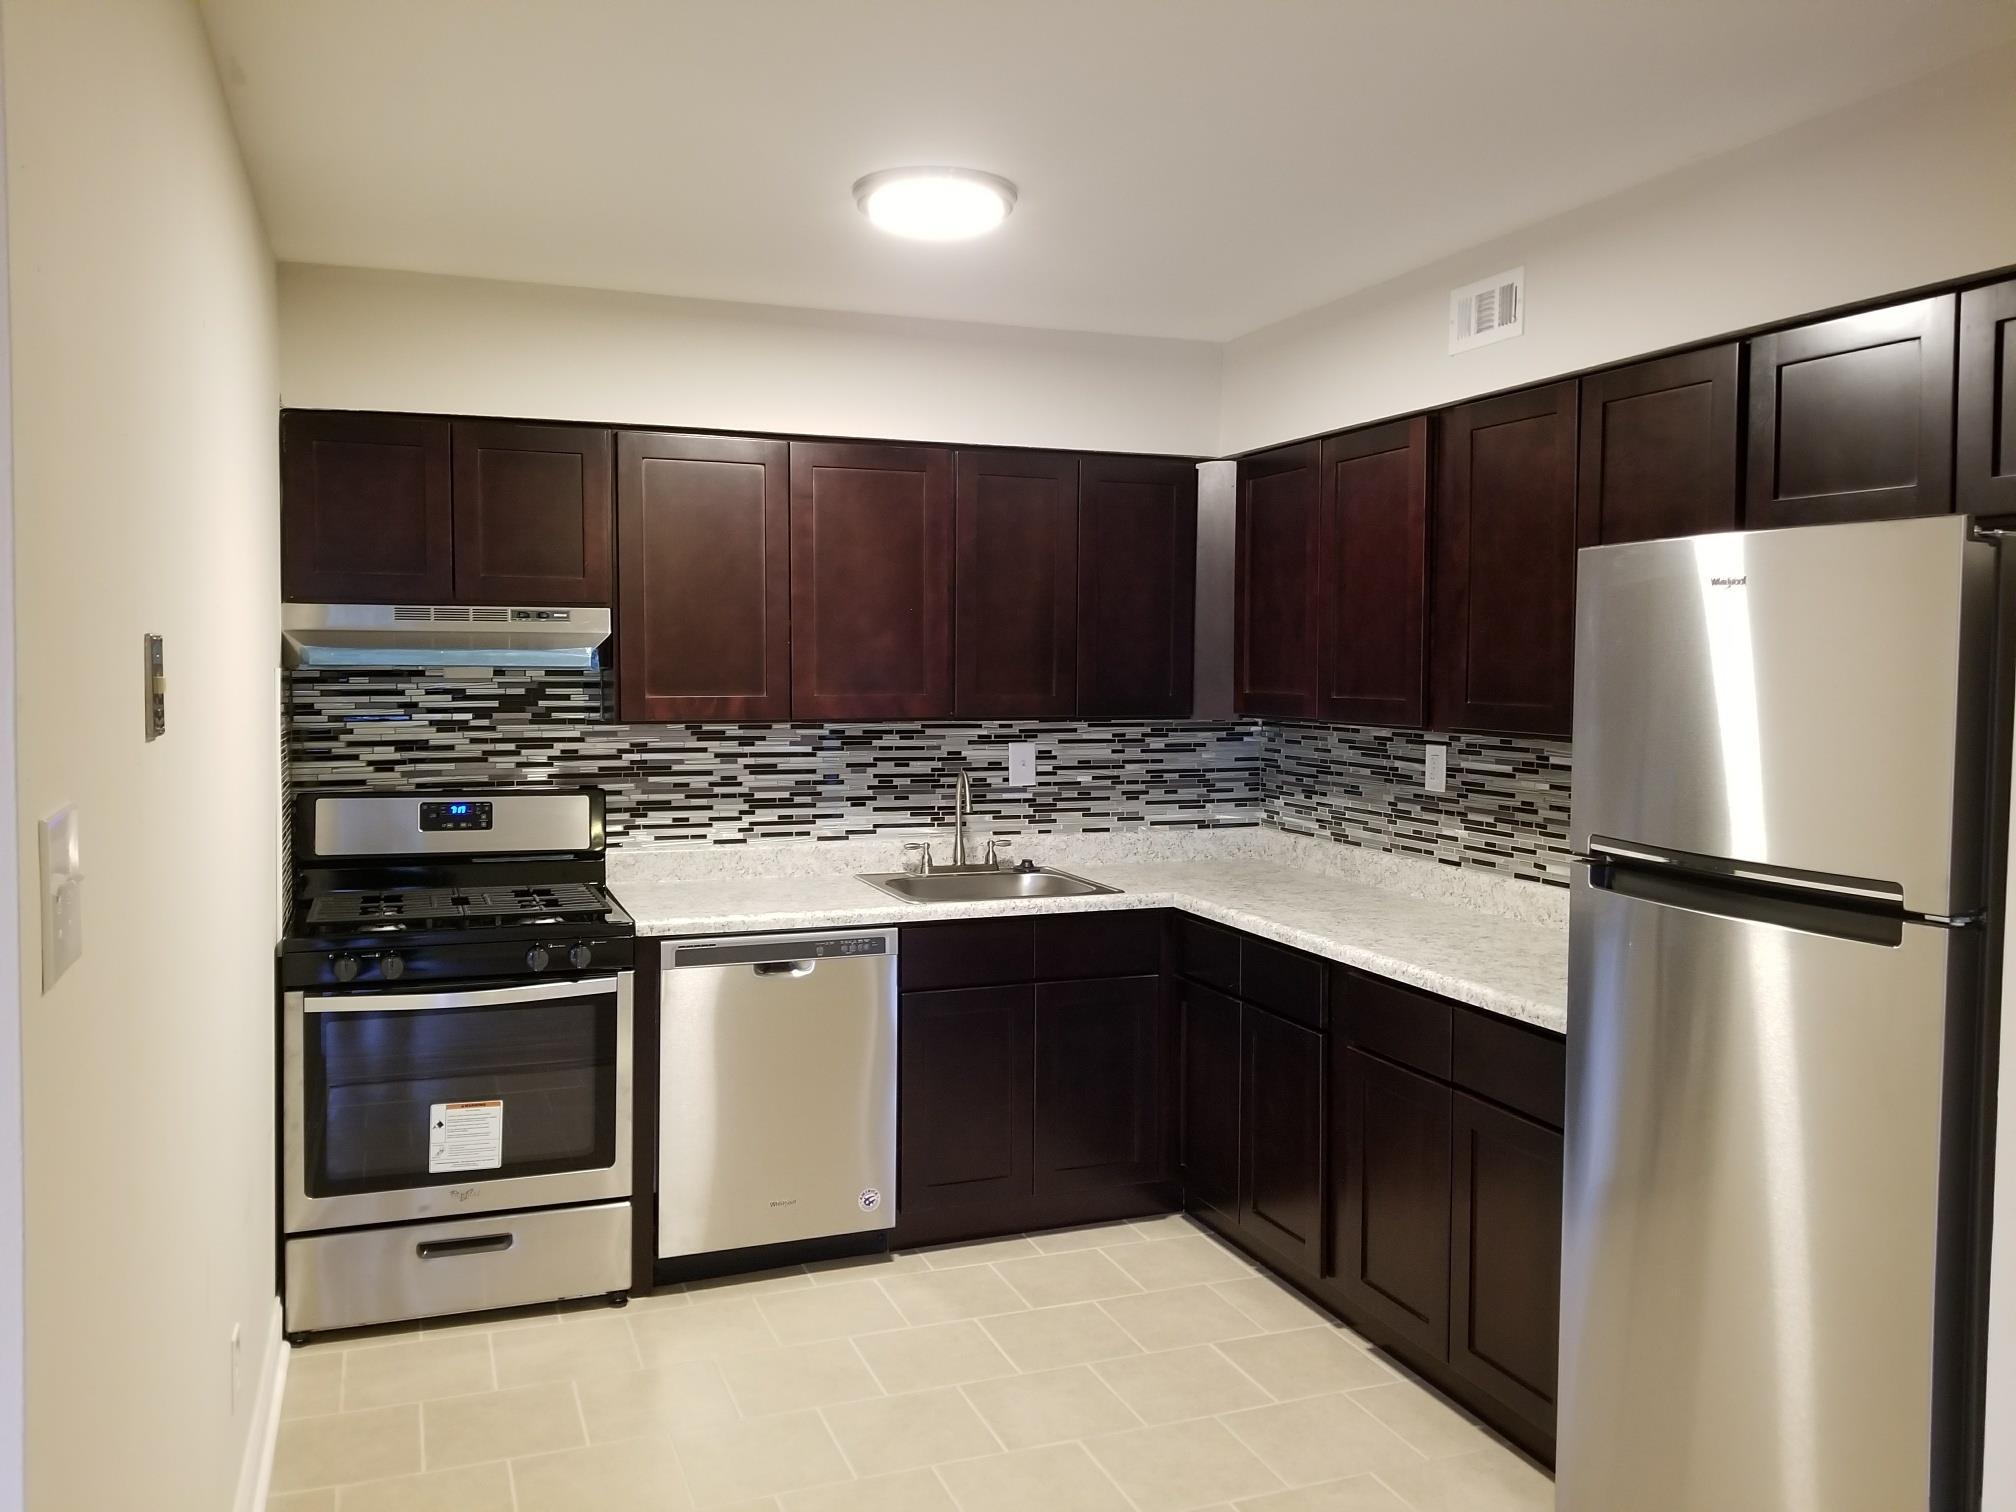 Somerton Apartments